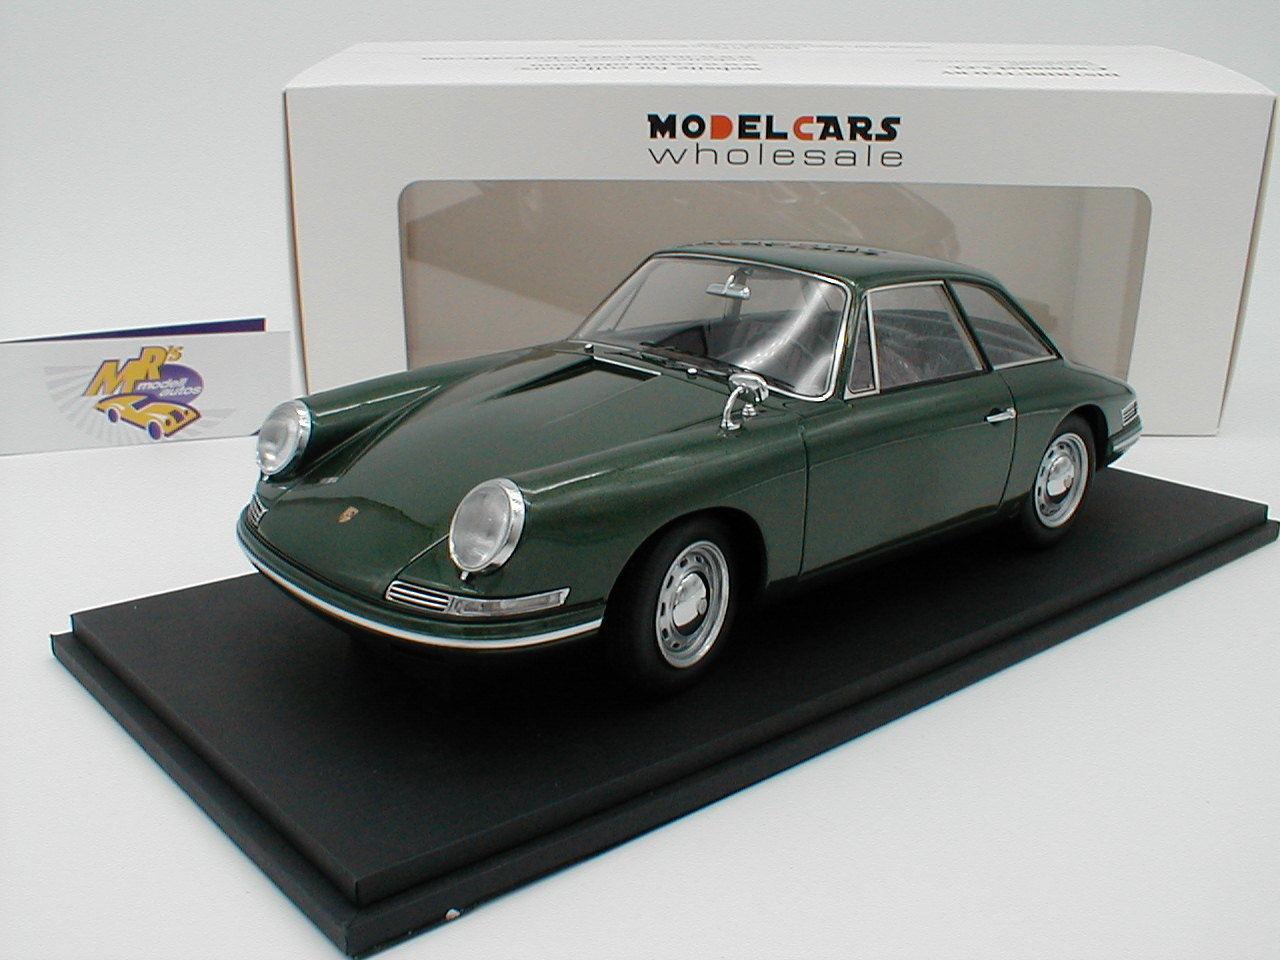 Autocult 90058   PORSCHE 754 t7 anno 1959 1959 1959 in  verde scuro metallizzato  1 18 NUOVO f3db11